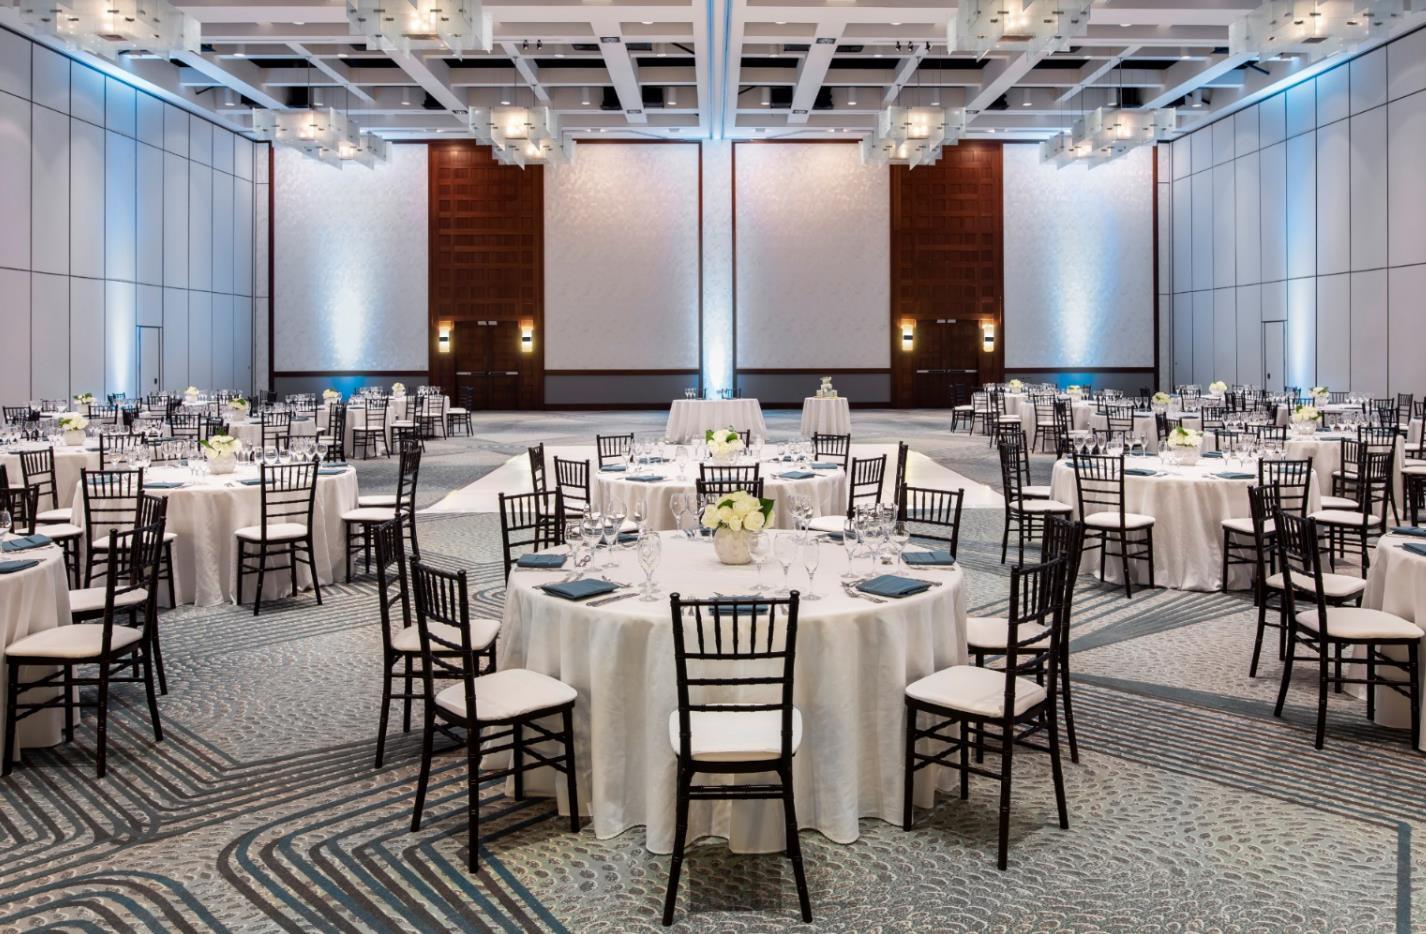 Meetings and events at Hyatt Regency Indian Wells Resort